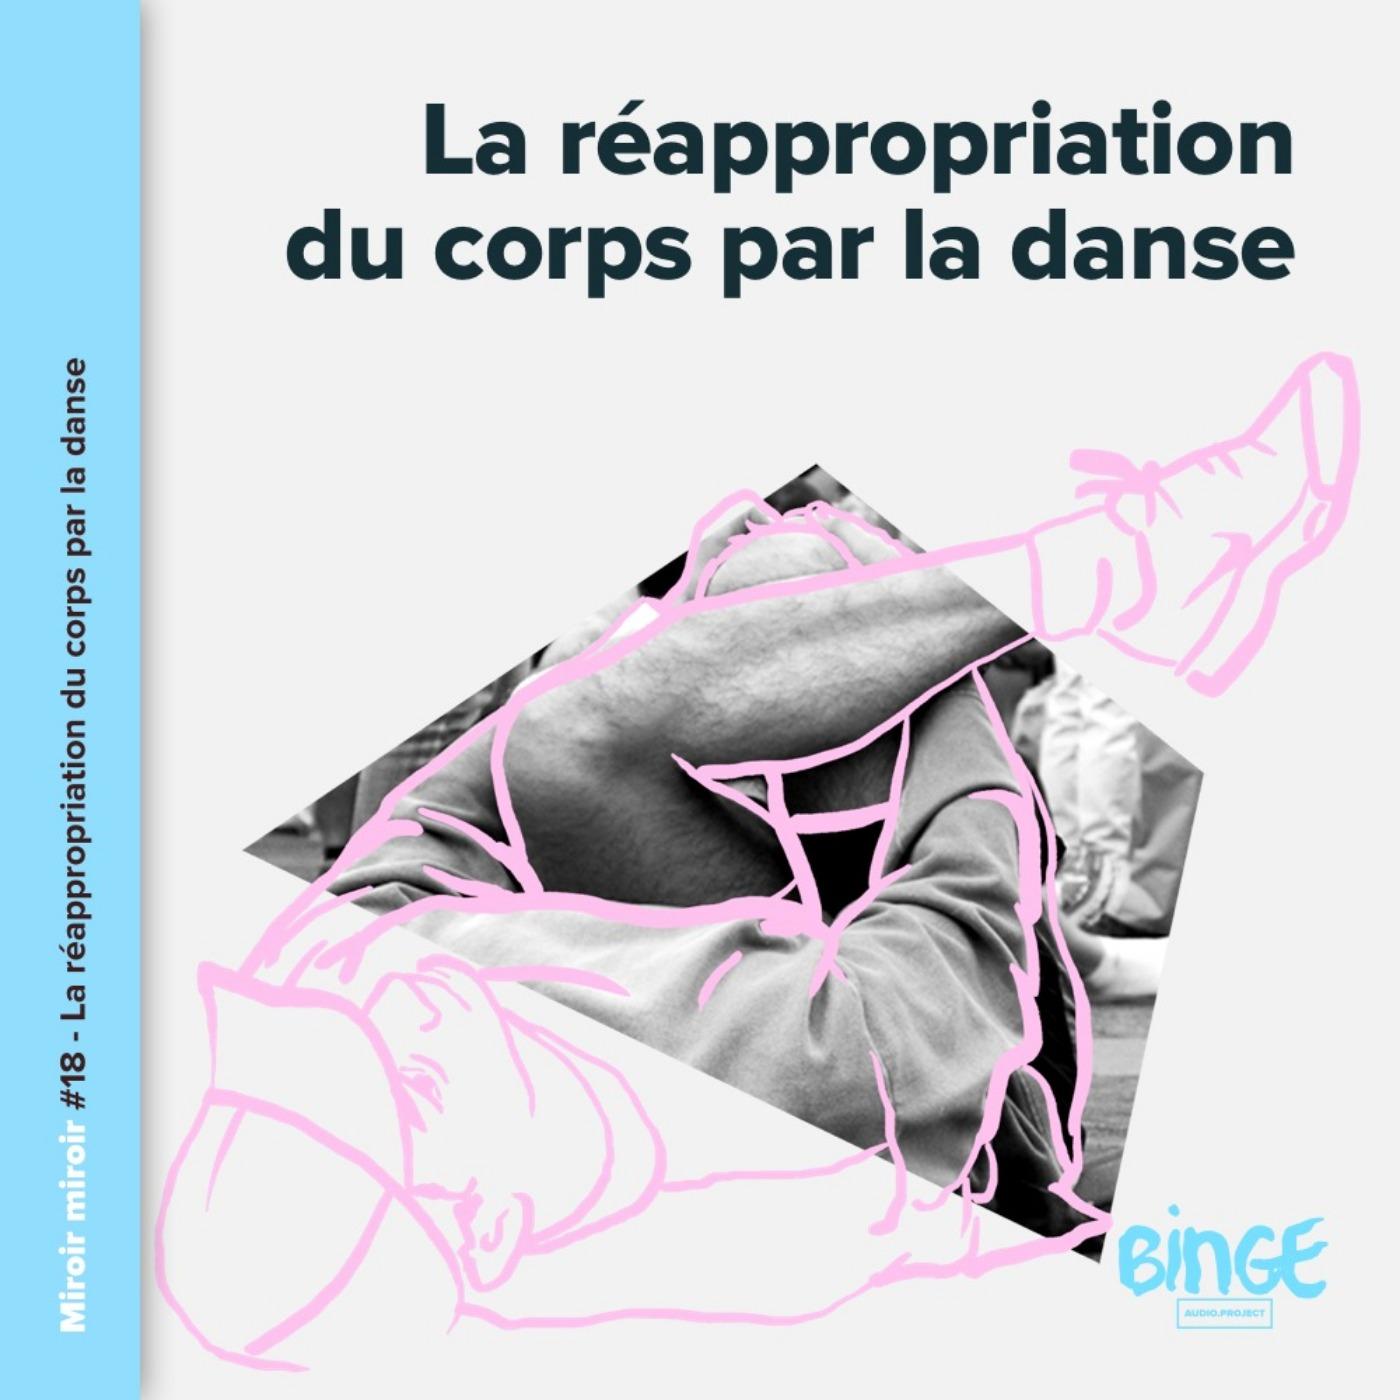 La réappropriation du corps par la danse